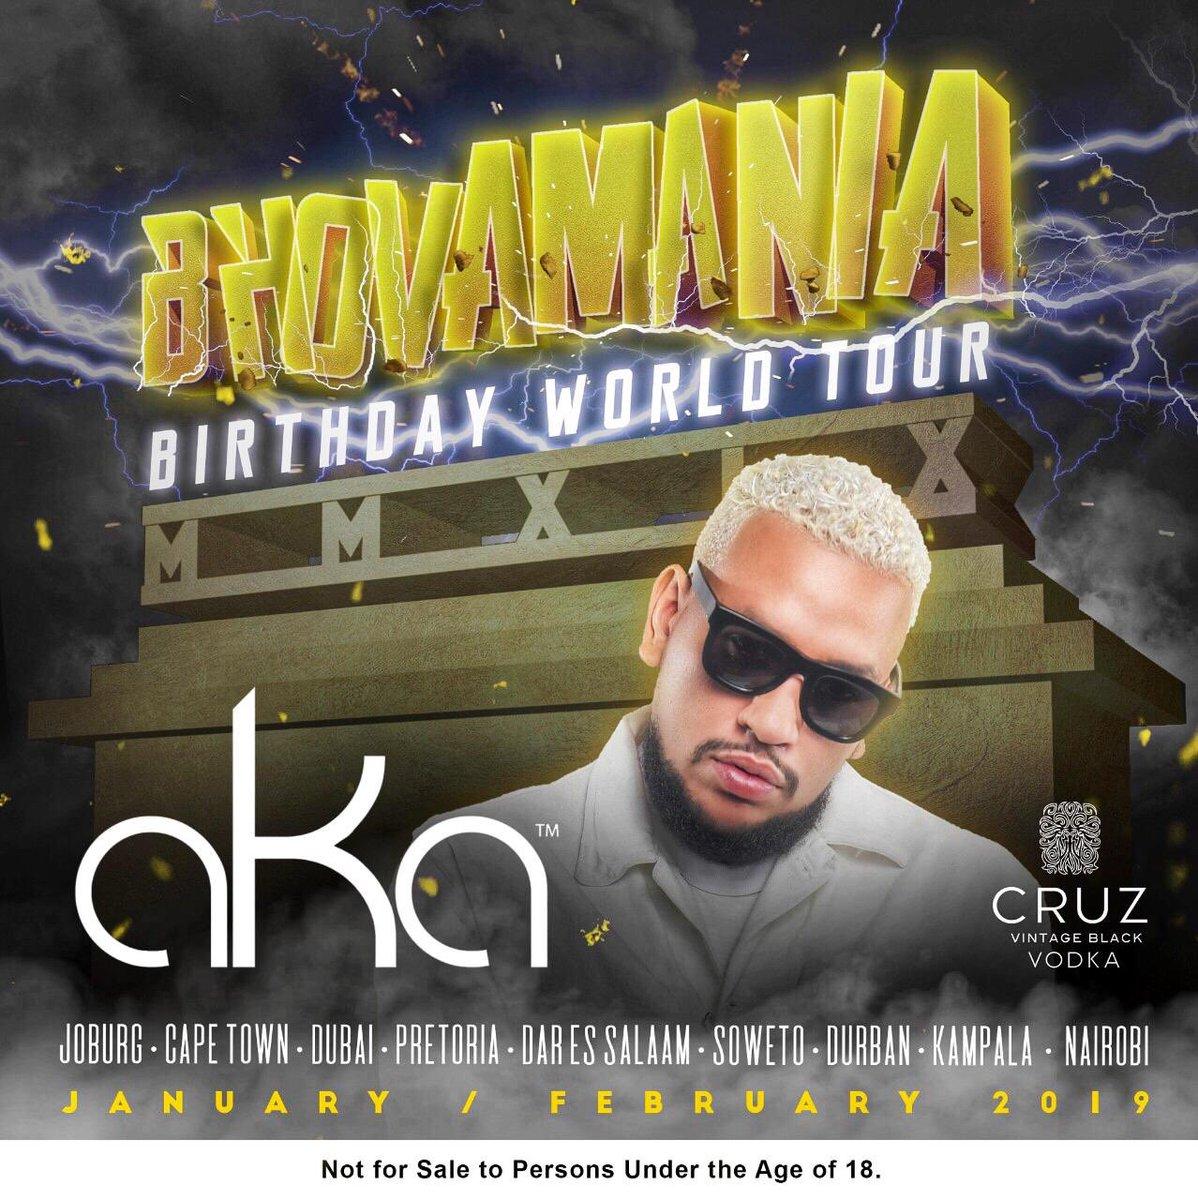 AKA announces Bhovamania World Tour